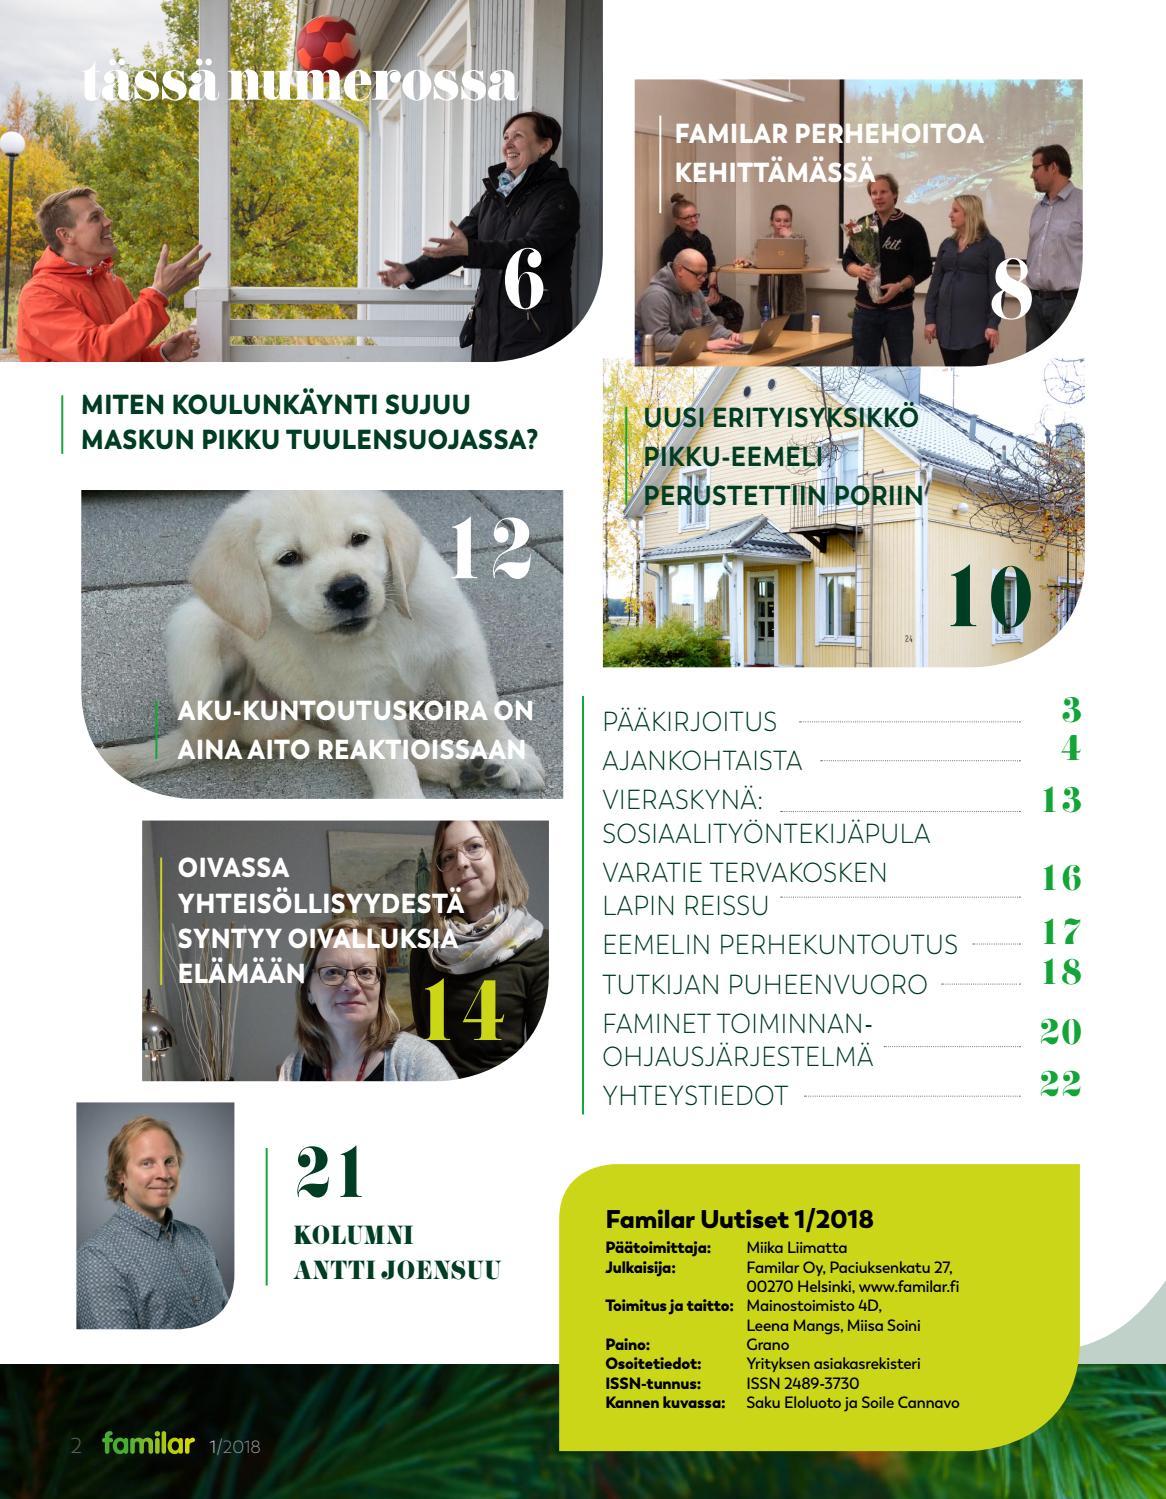 Familar Uutiset 1 2018 By Mainostoimisto 4D